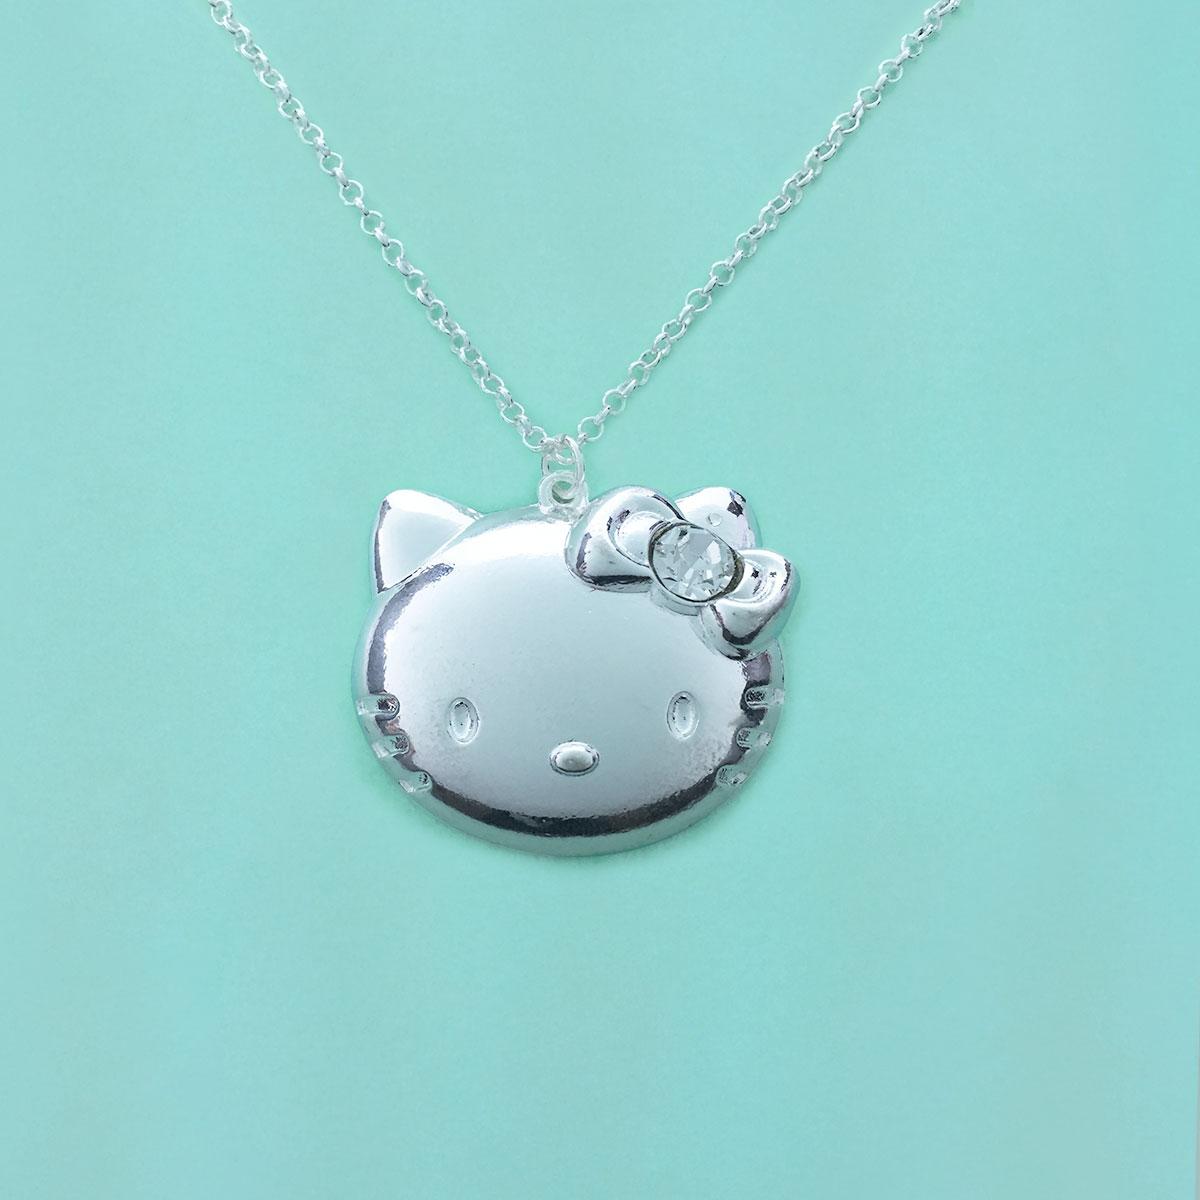 Colar Prata Hello Kitty Laços Strass